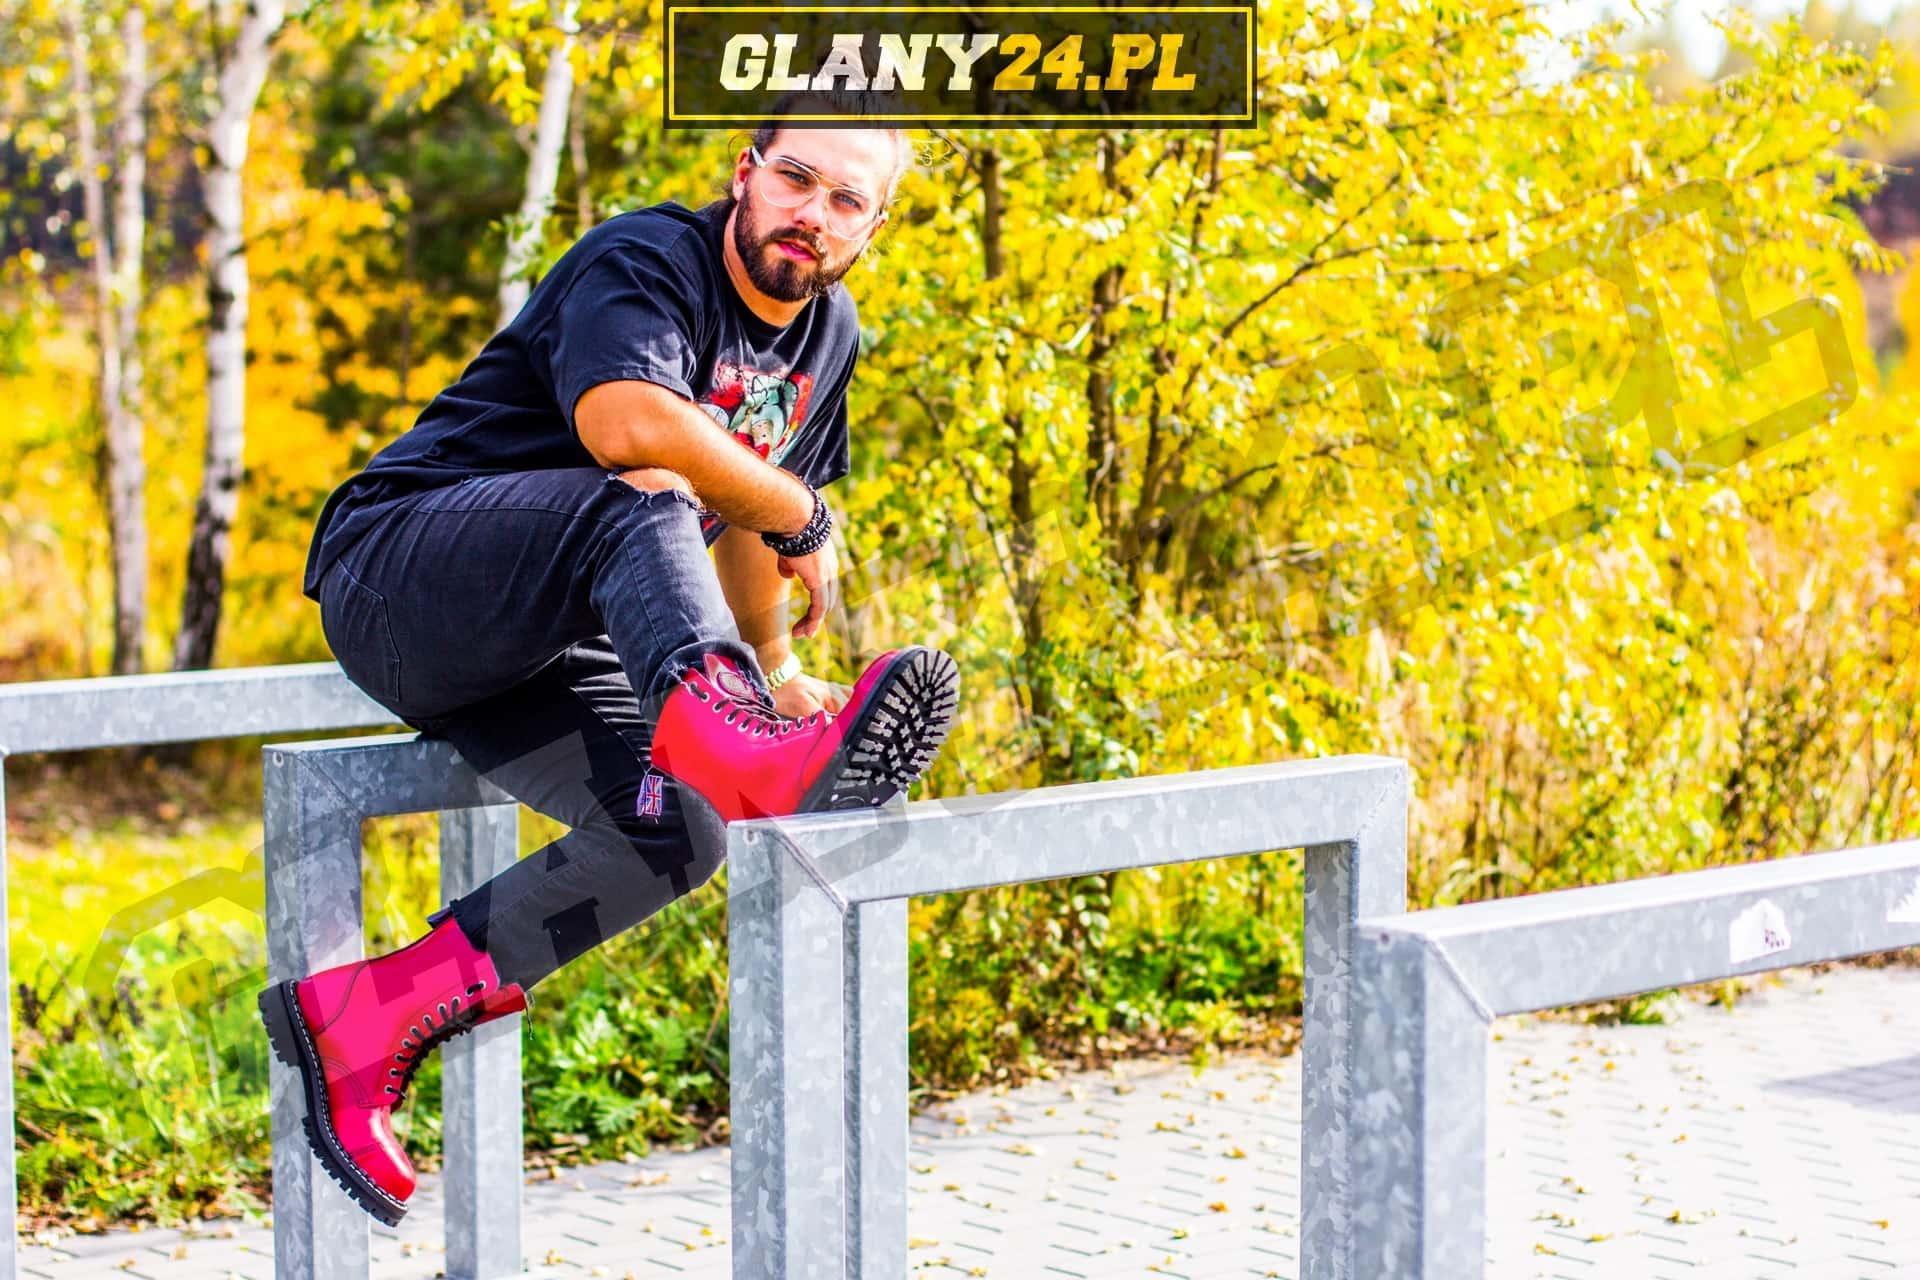 Glany CZERWONE